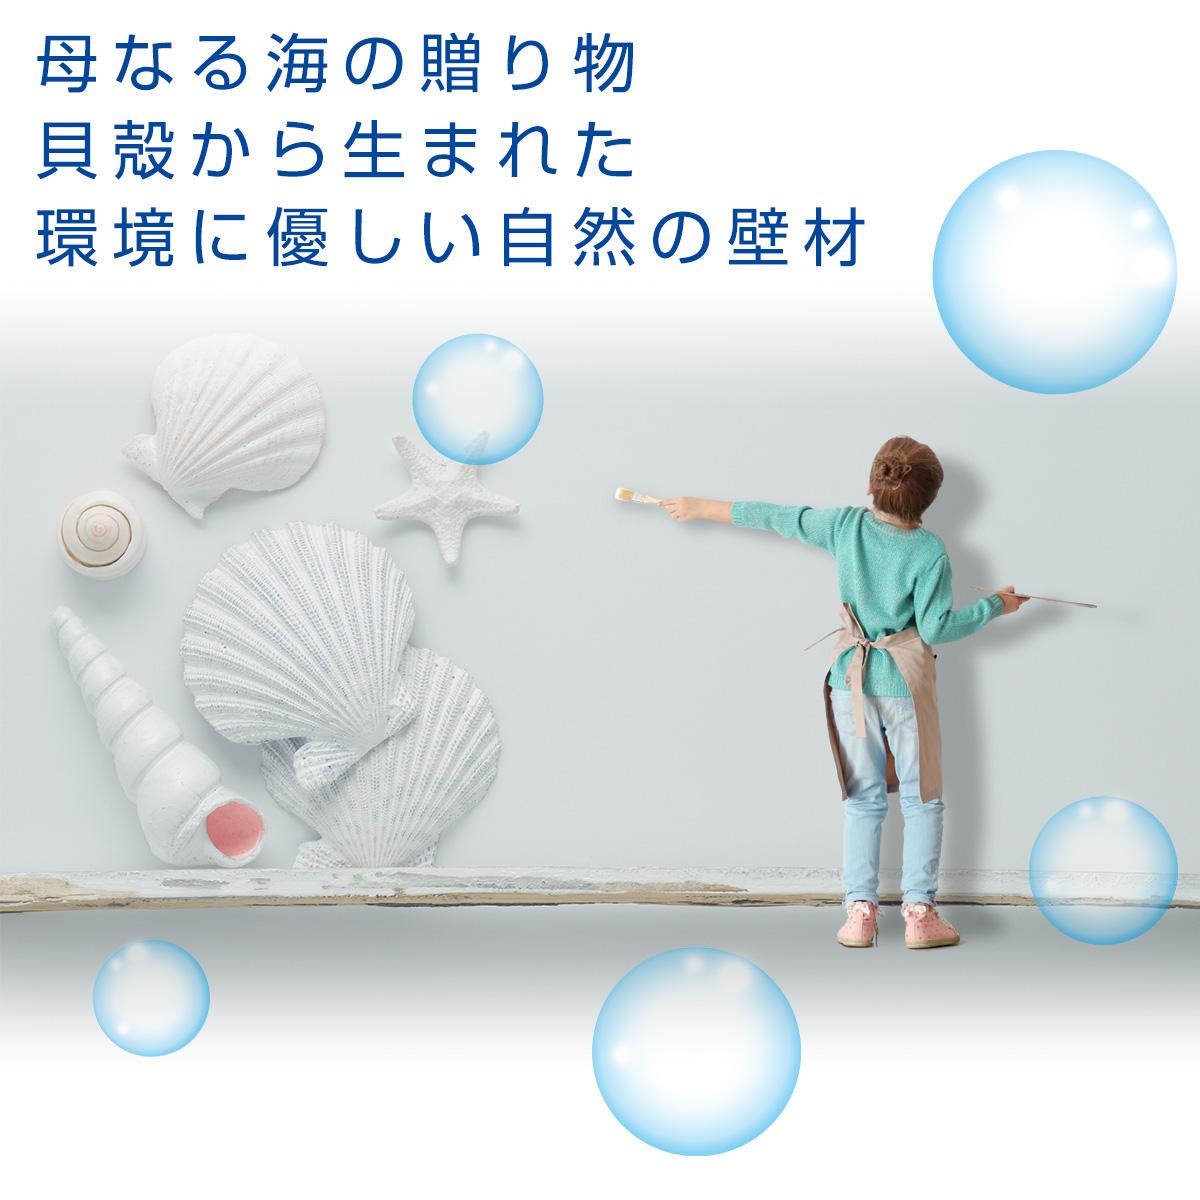 母なる海の贈り物 貝殻から生まれた環境に優しい自然の壁材